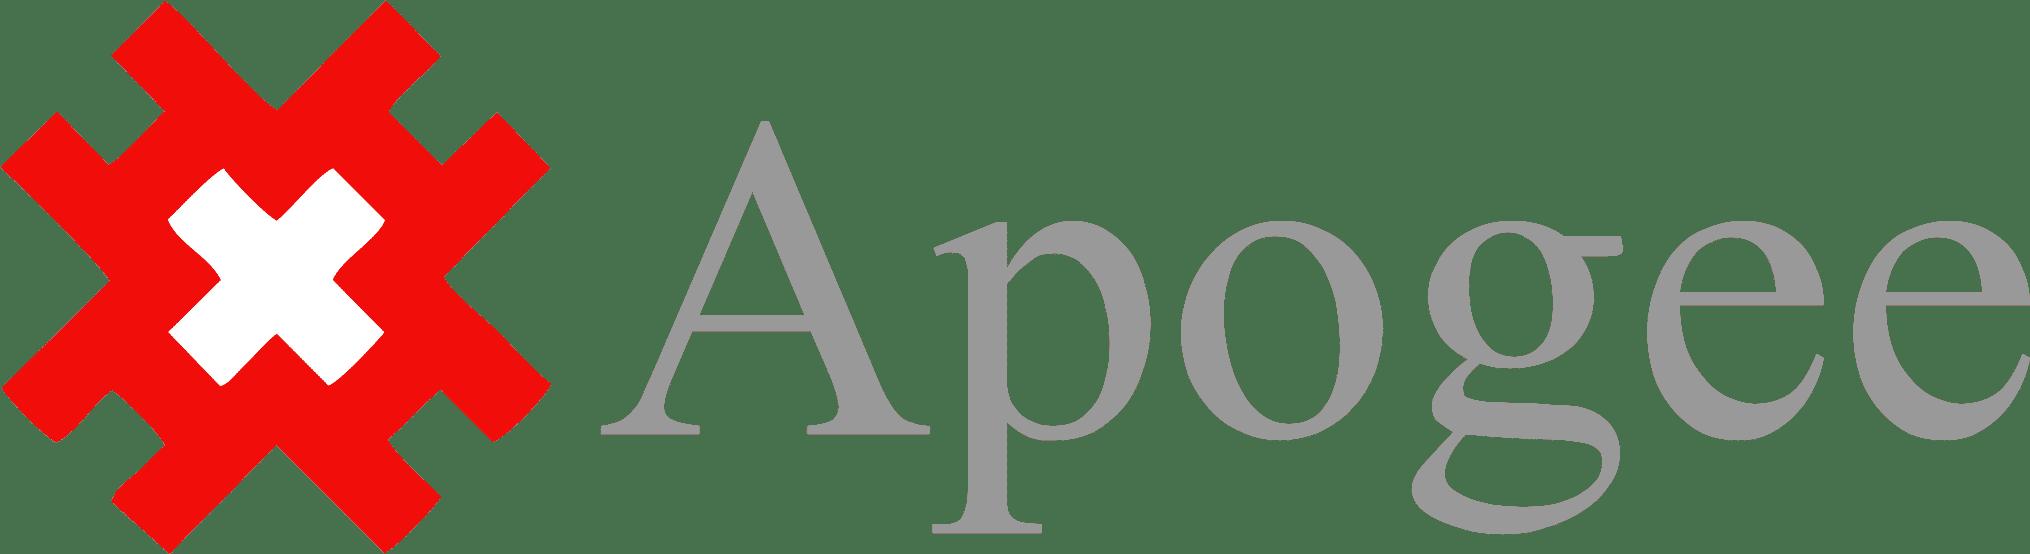 Hollister Apogee Catheters